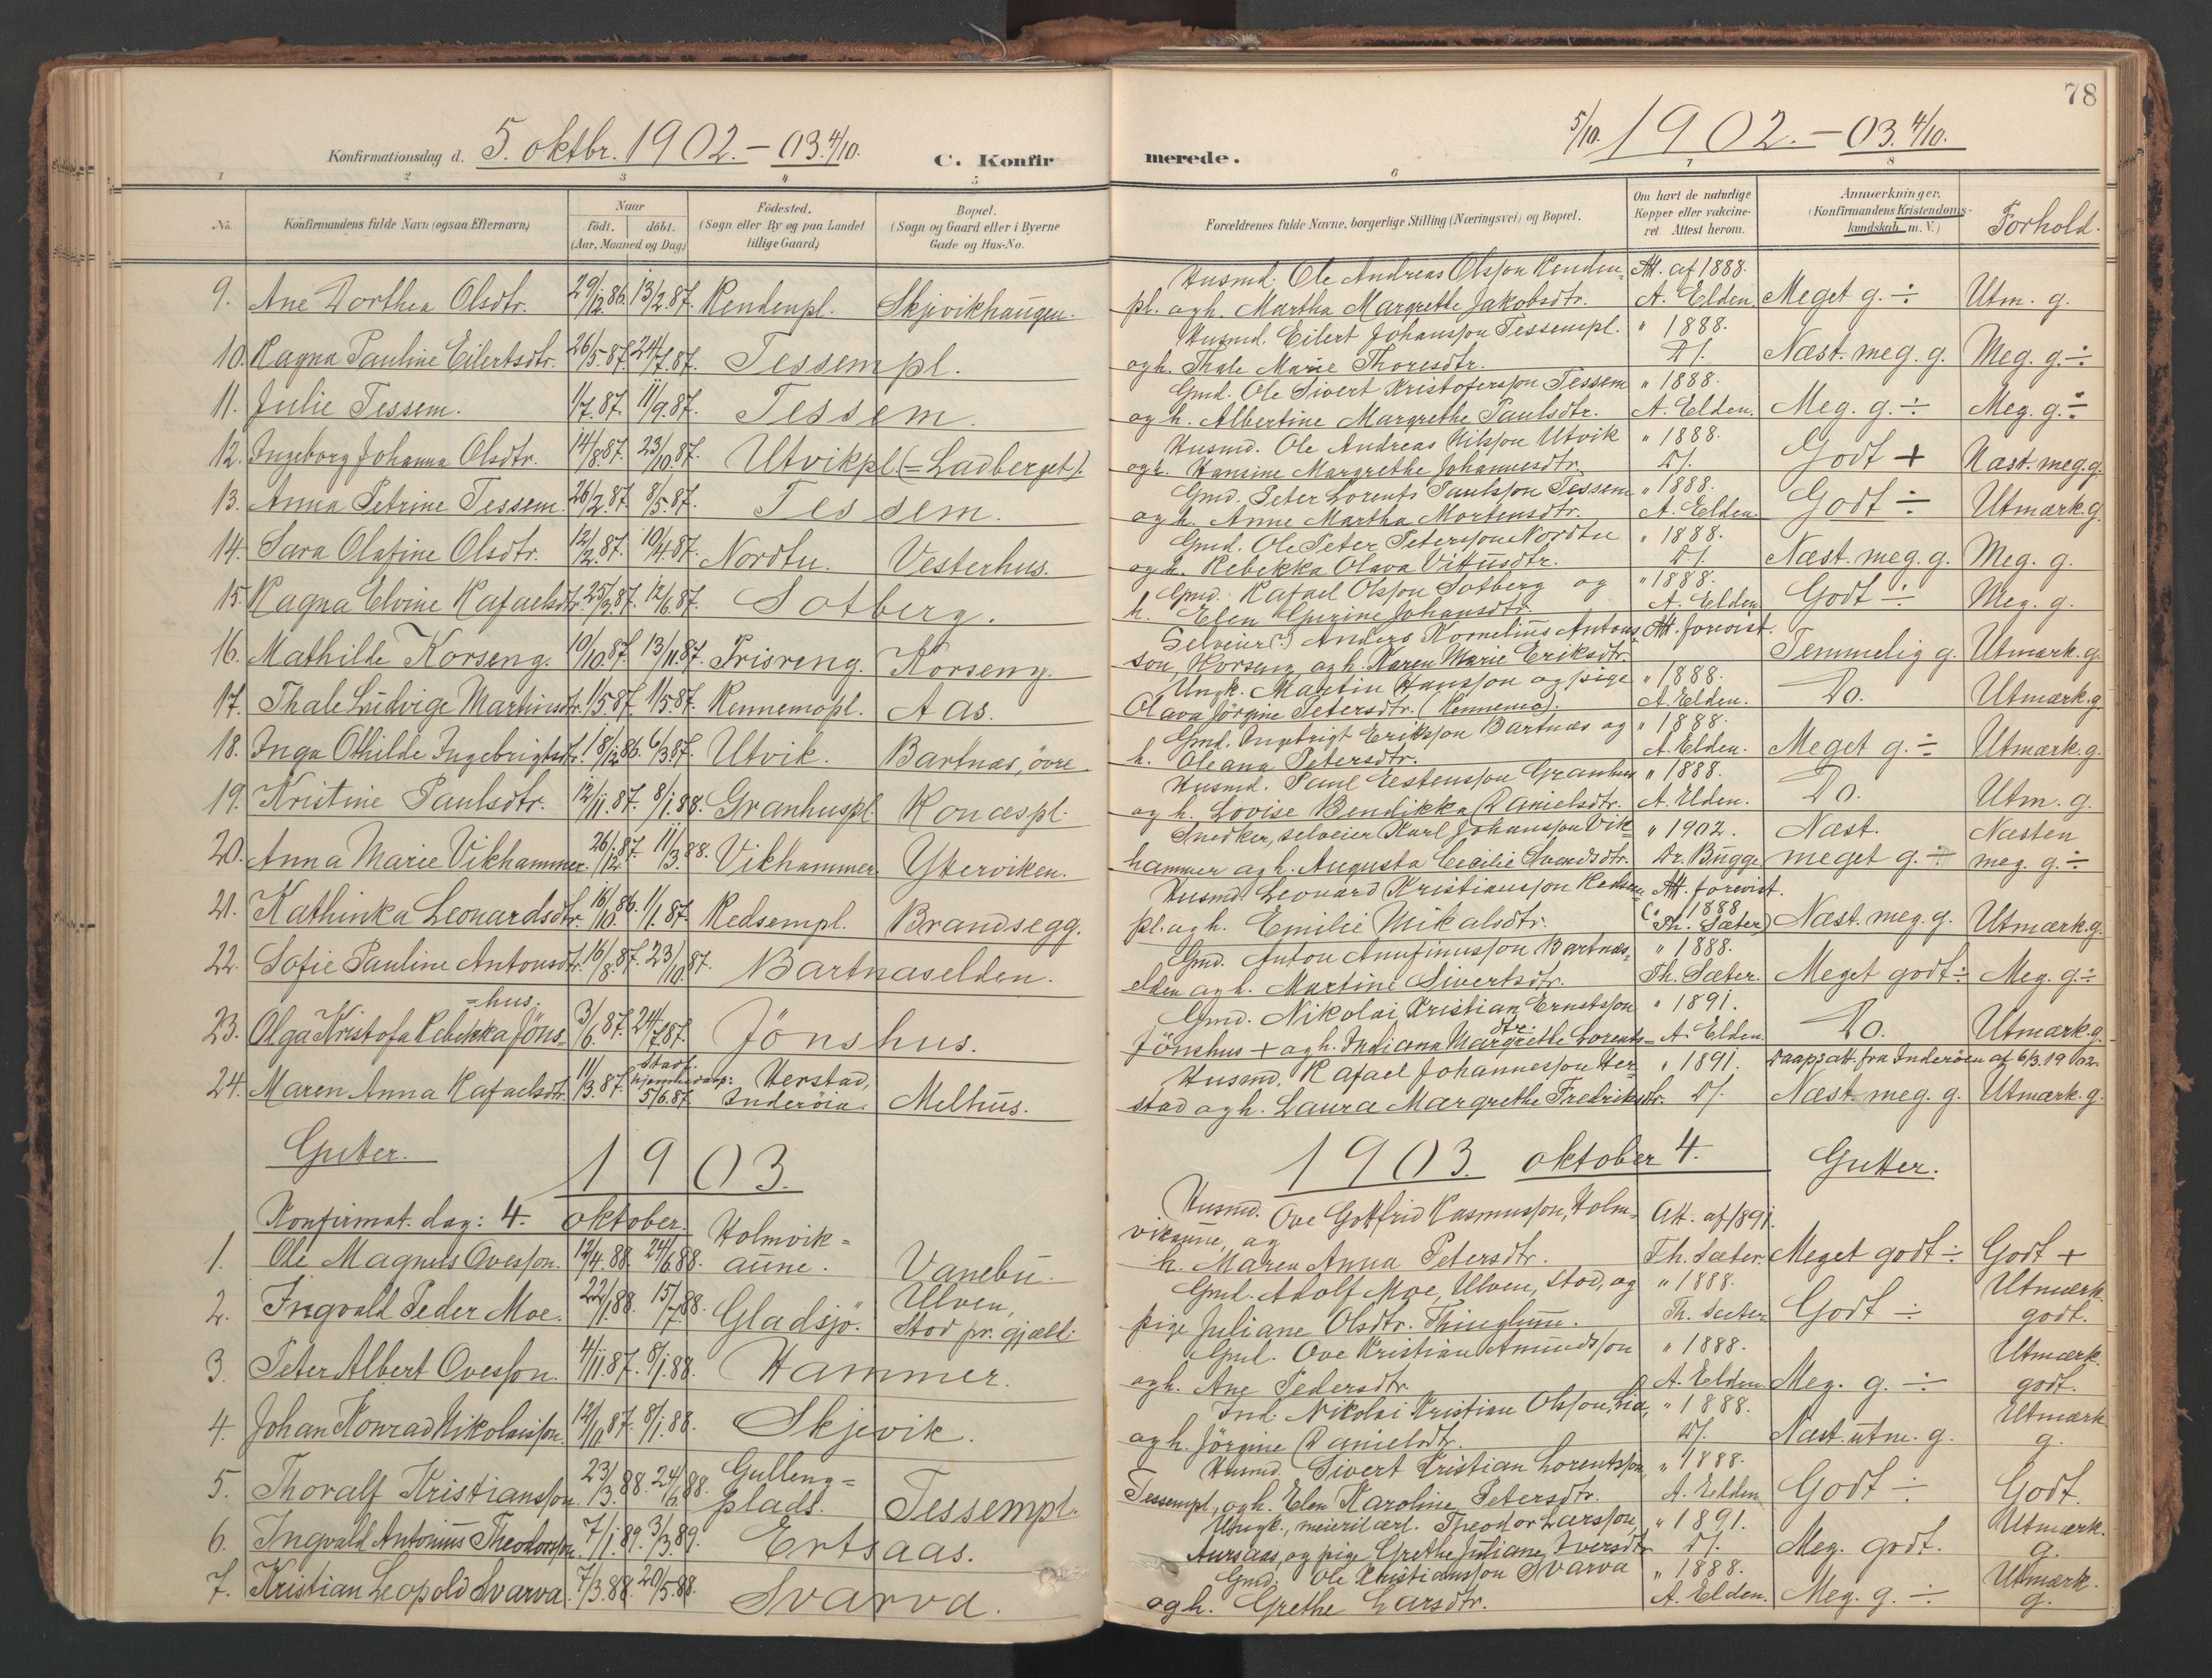 SAT, Ministerialprotokoller, klokkerbøker og fødselsregistre - Nord-Trøndelag, 741/L0397: Ministerialbok nr. 741A11, 1901-1911, s. 78